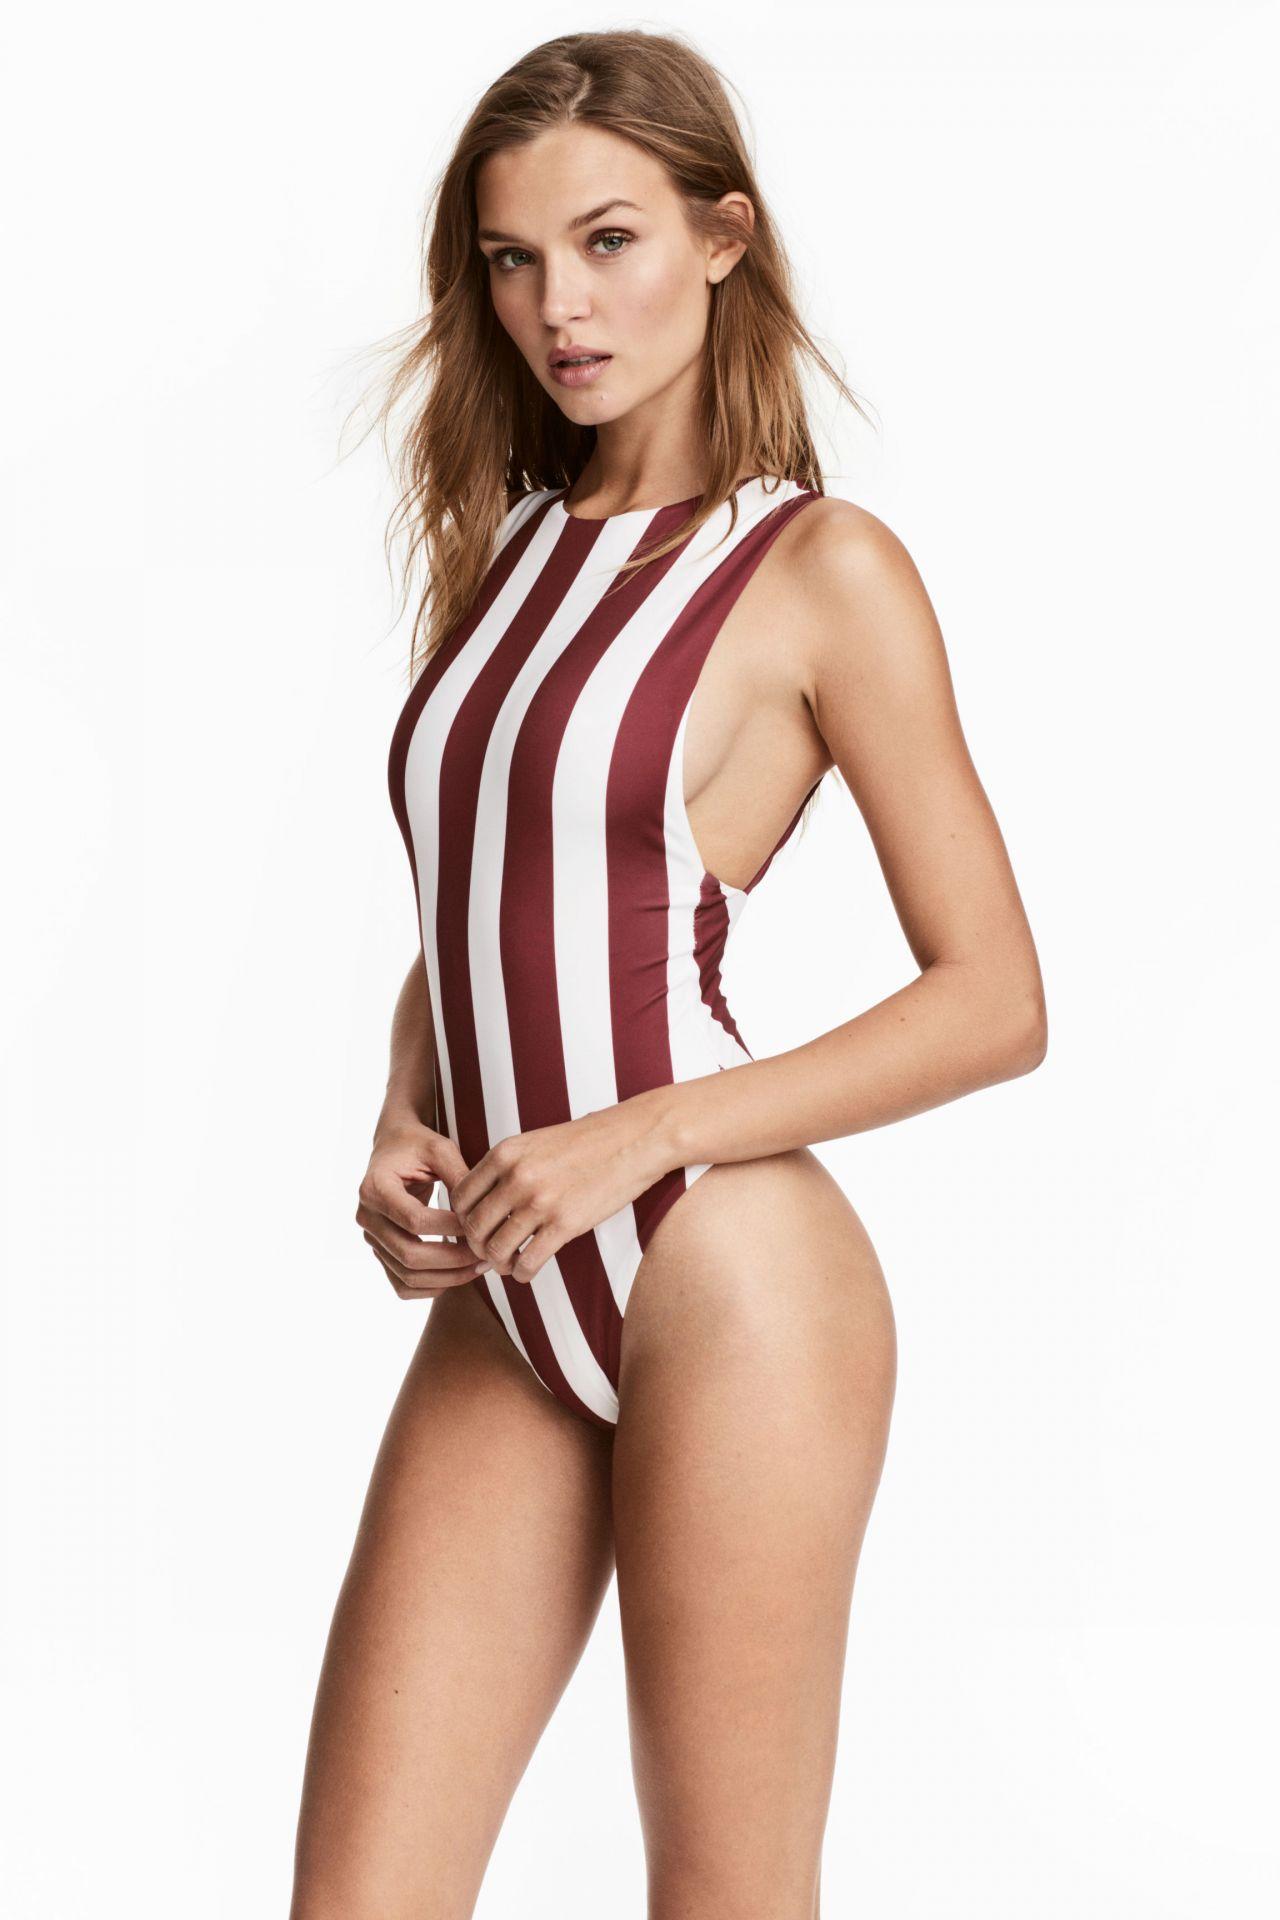 Josephine Skriver in H&M Swimwear Photoshoot